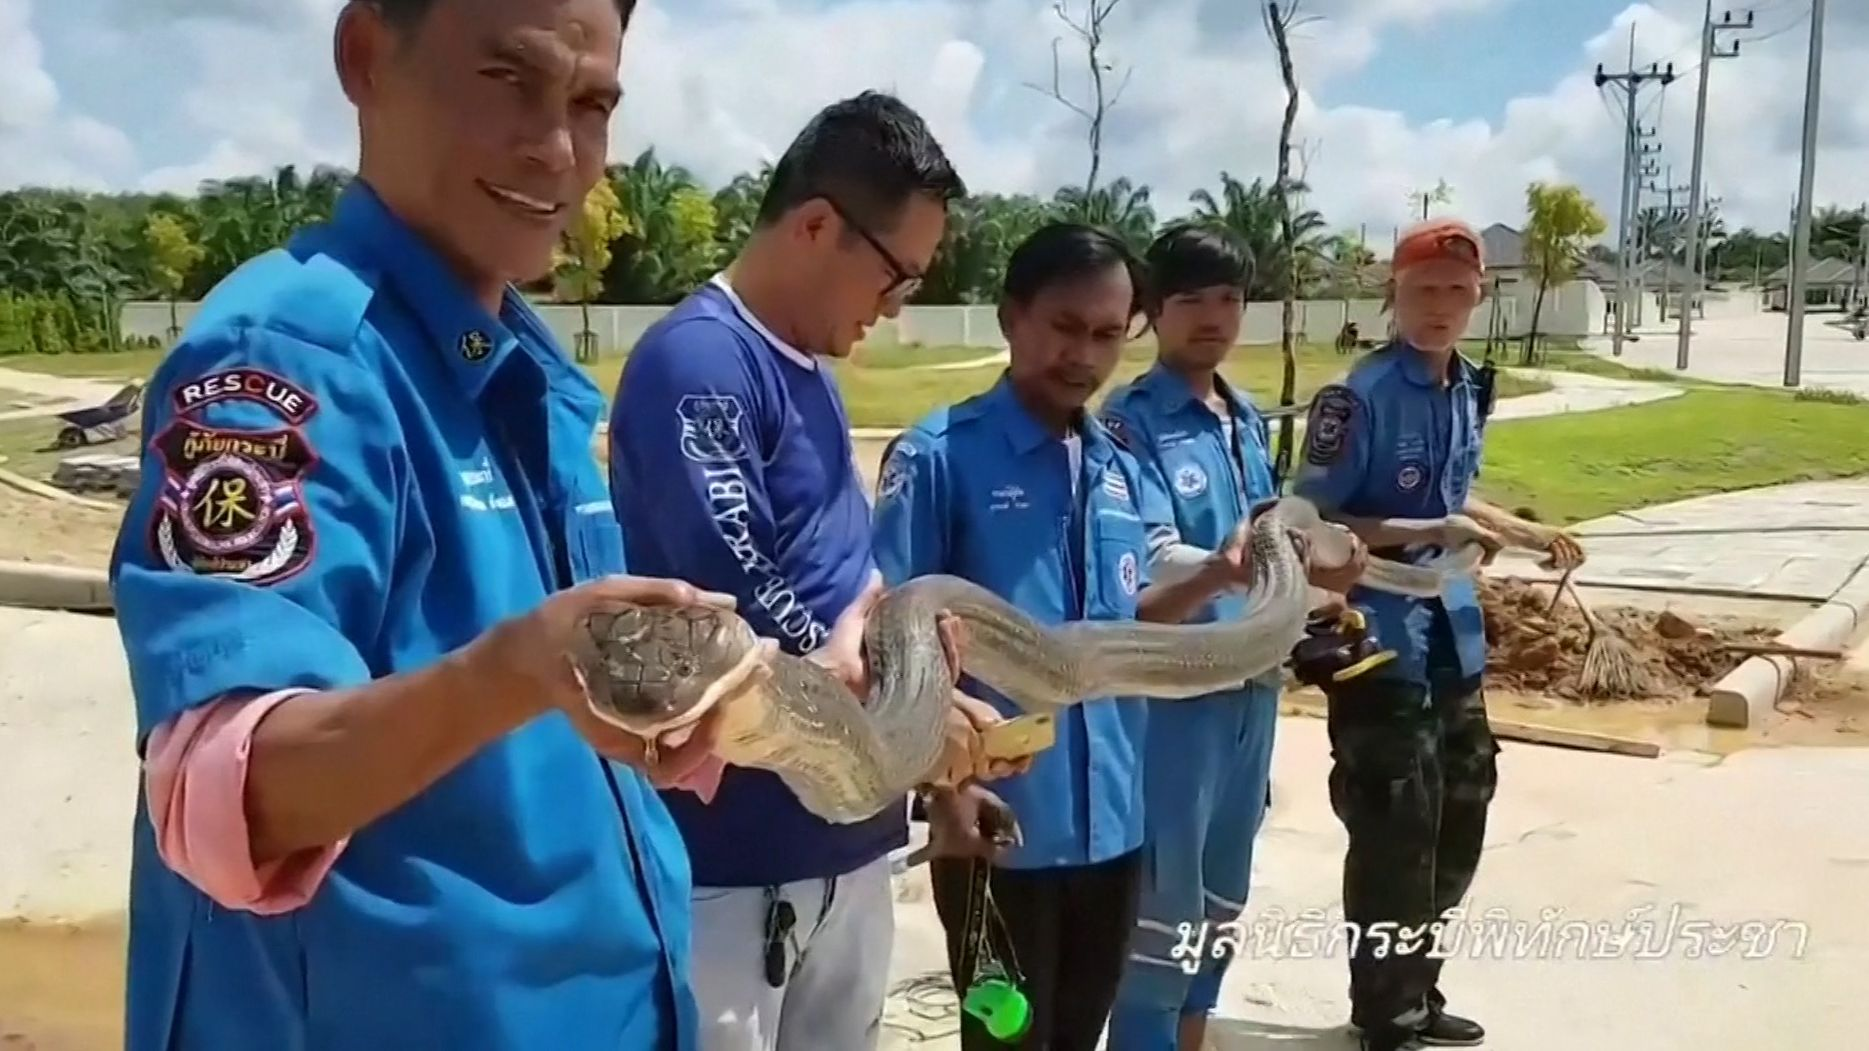 Wagemutige Einsatzkräfte haben im Süden Thailands eine mehr als vier Meter lange und 15 Kilo schwere Königskobra aus einem Kanalrohr gezogen. Mehr als eine Stunde hatte es gedauert, bis das Tier eingefangen war.